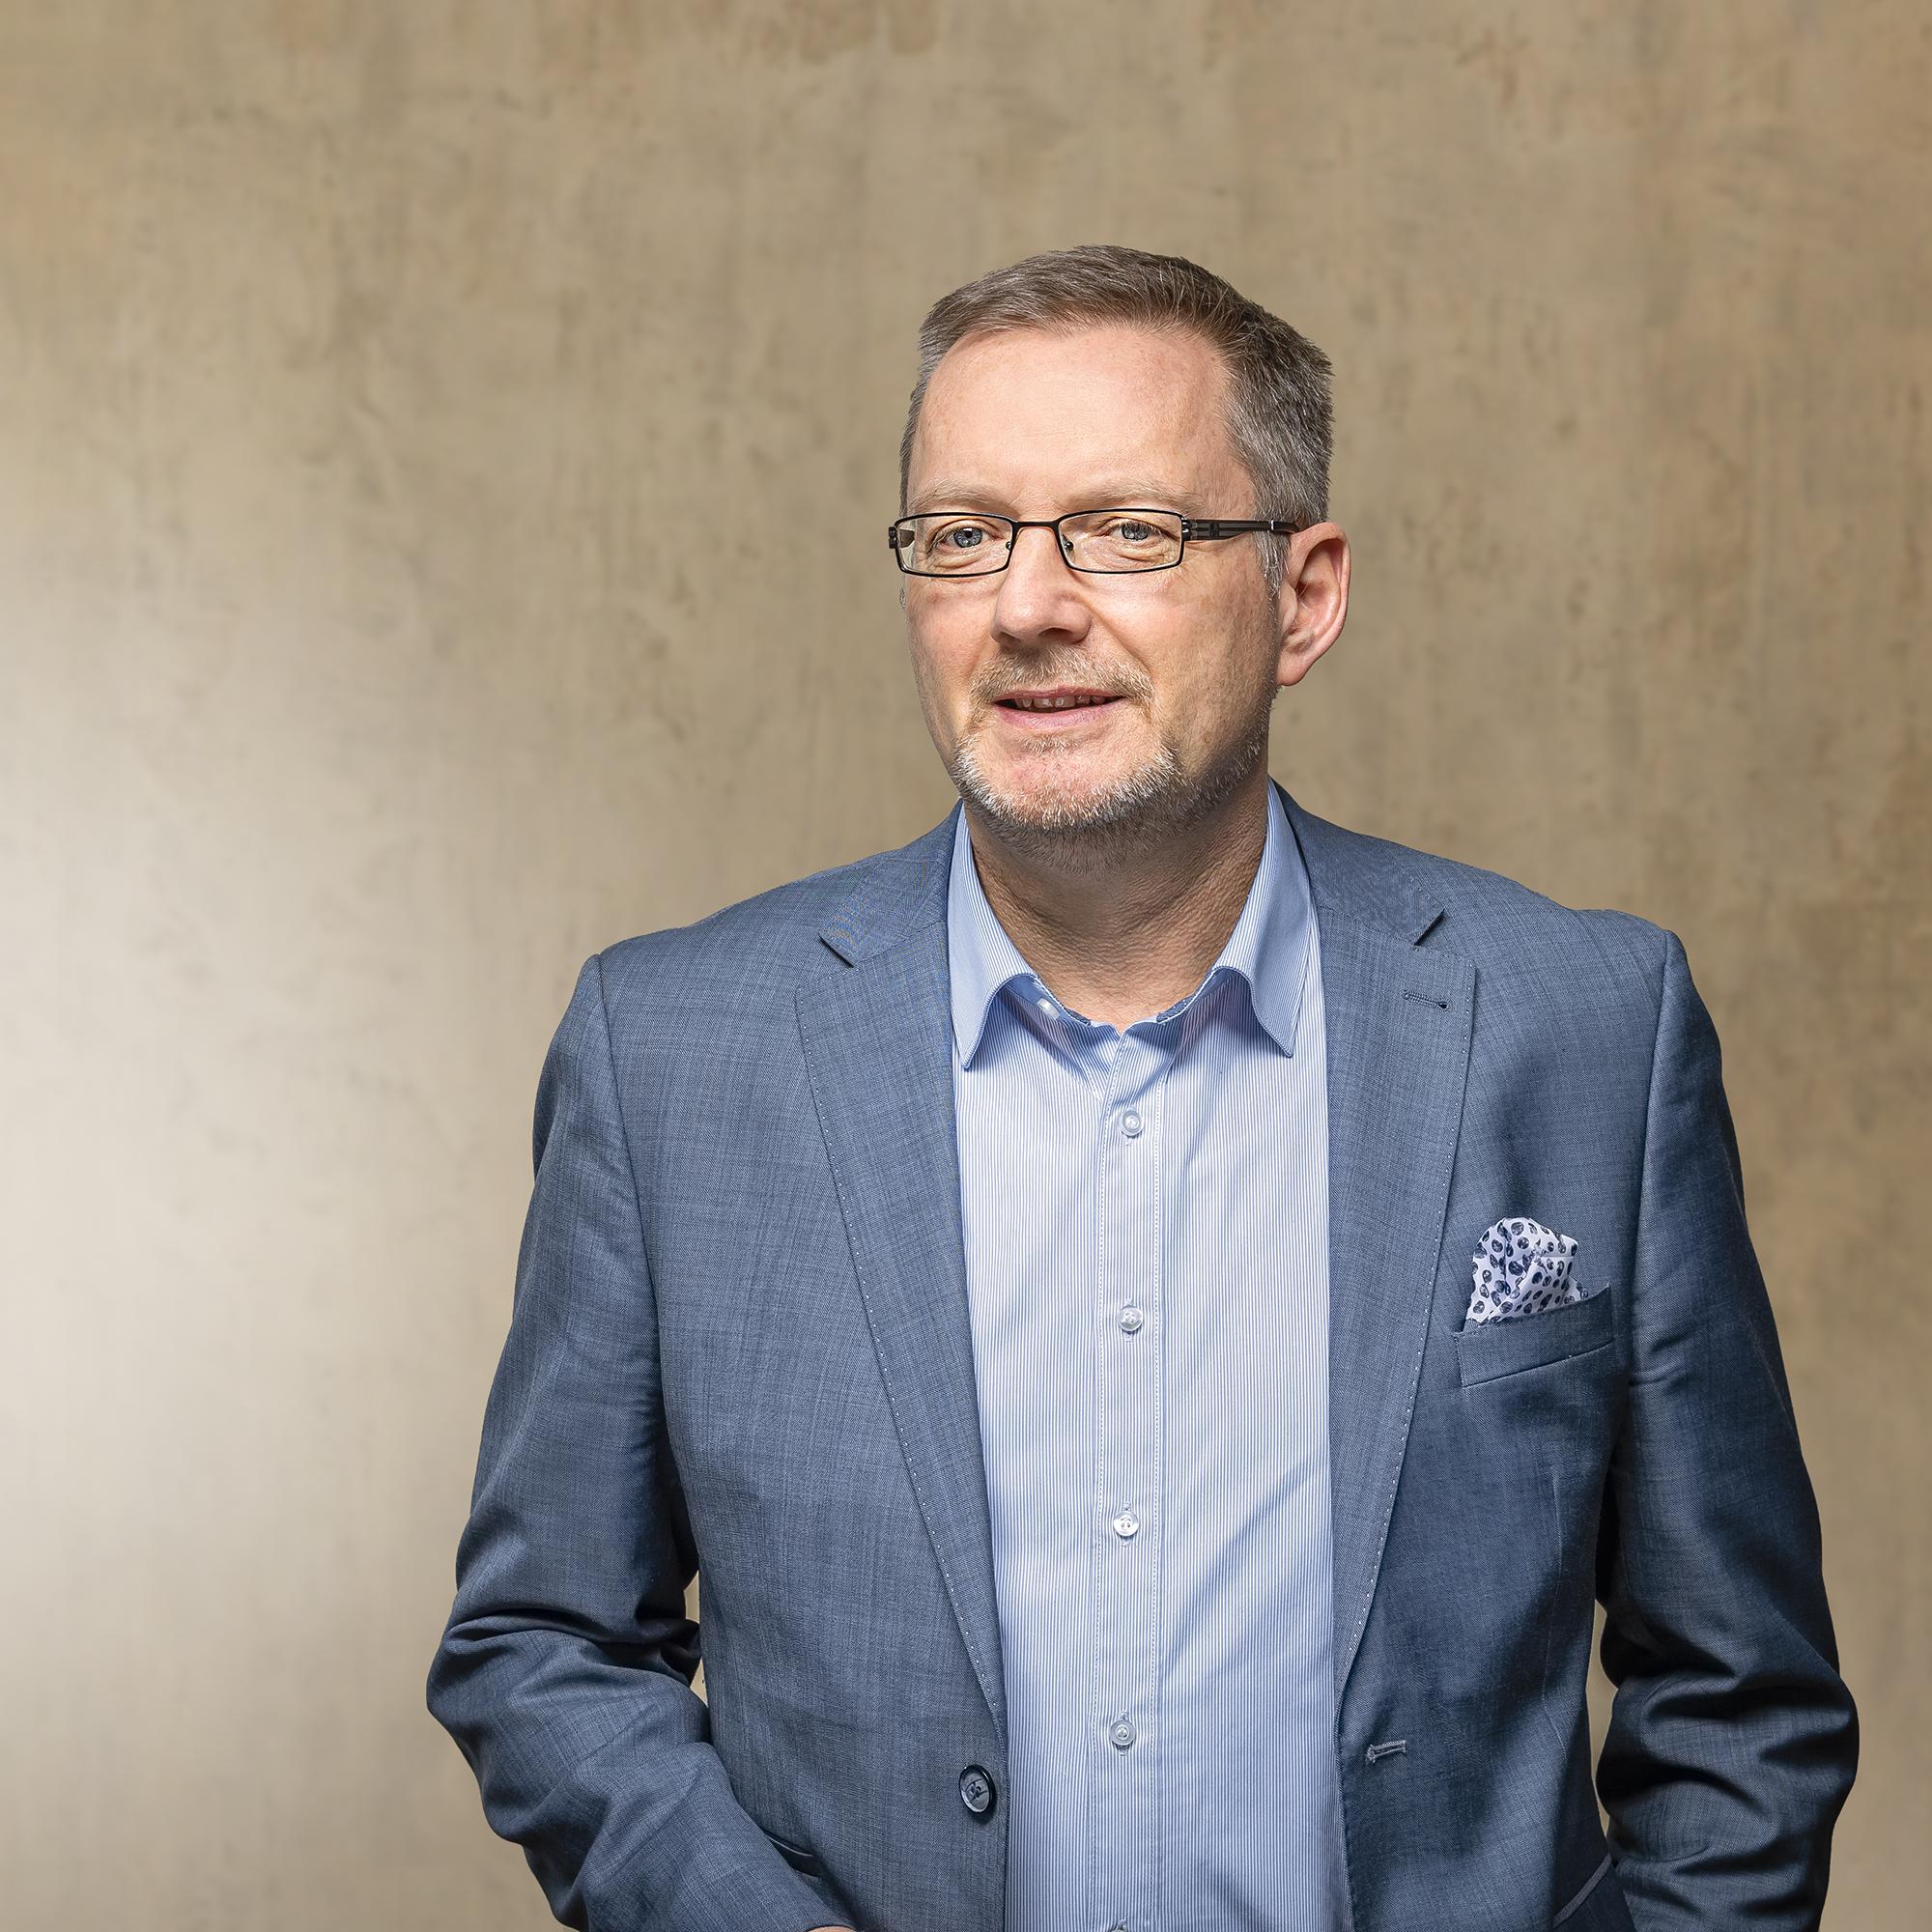 André Werner Erckens